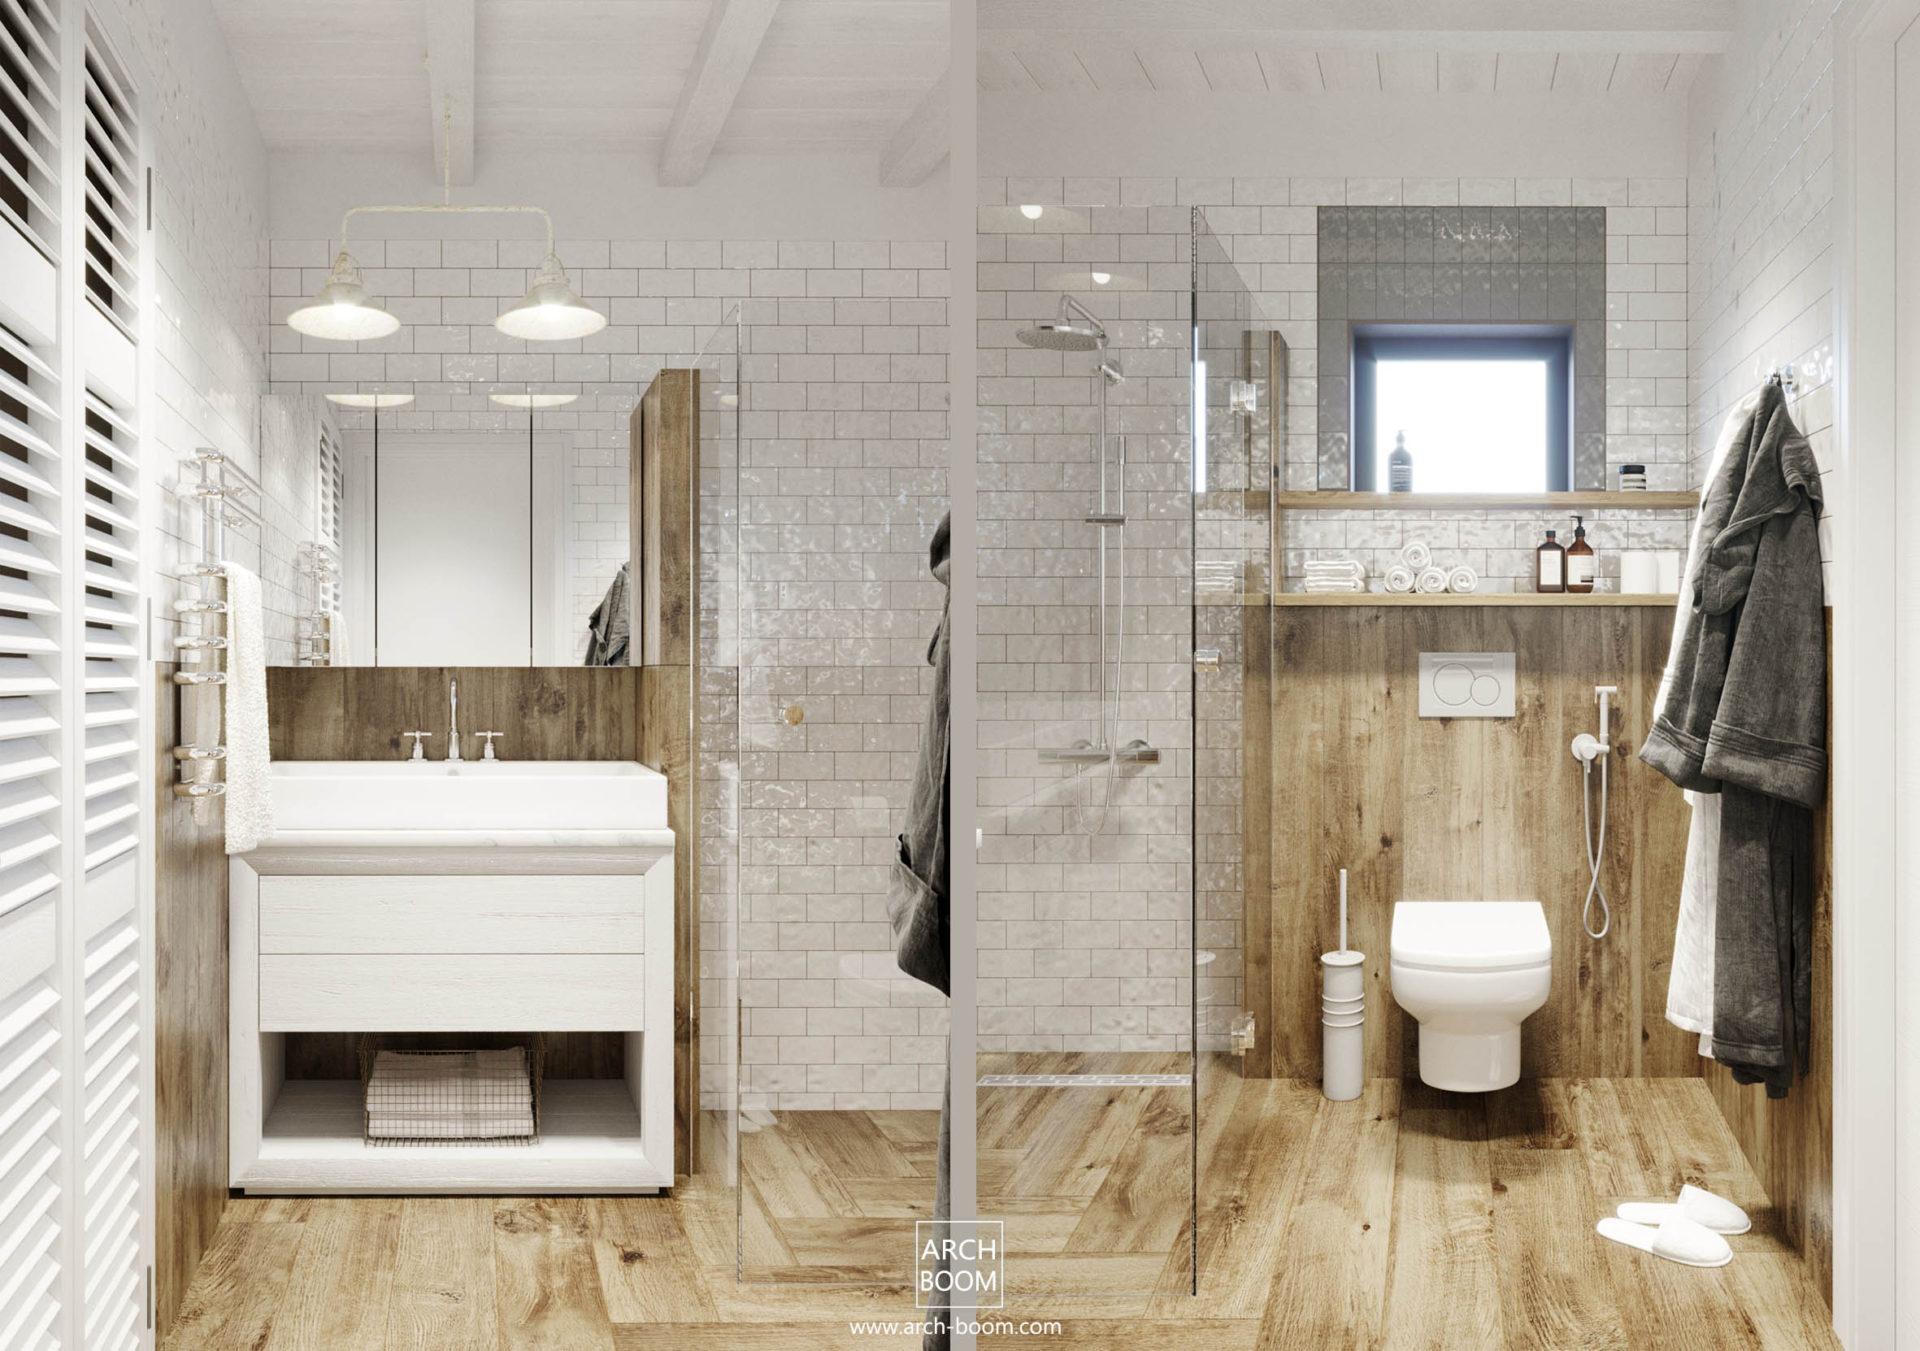 Łazienka płytki drewnopodobne i cegiełki